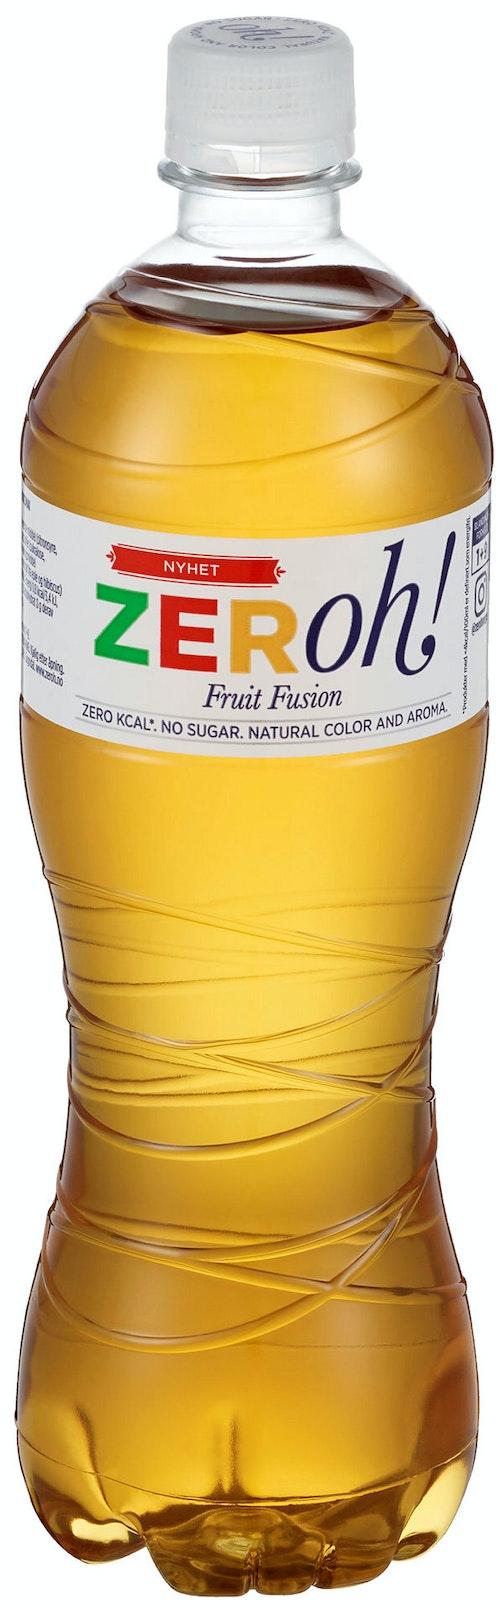 Zeroh! Fruit Fusion 0,8 l